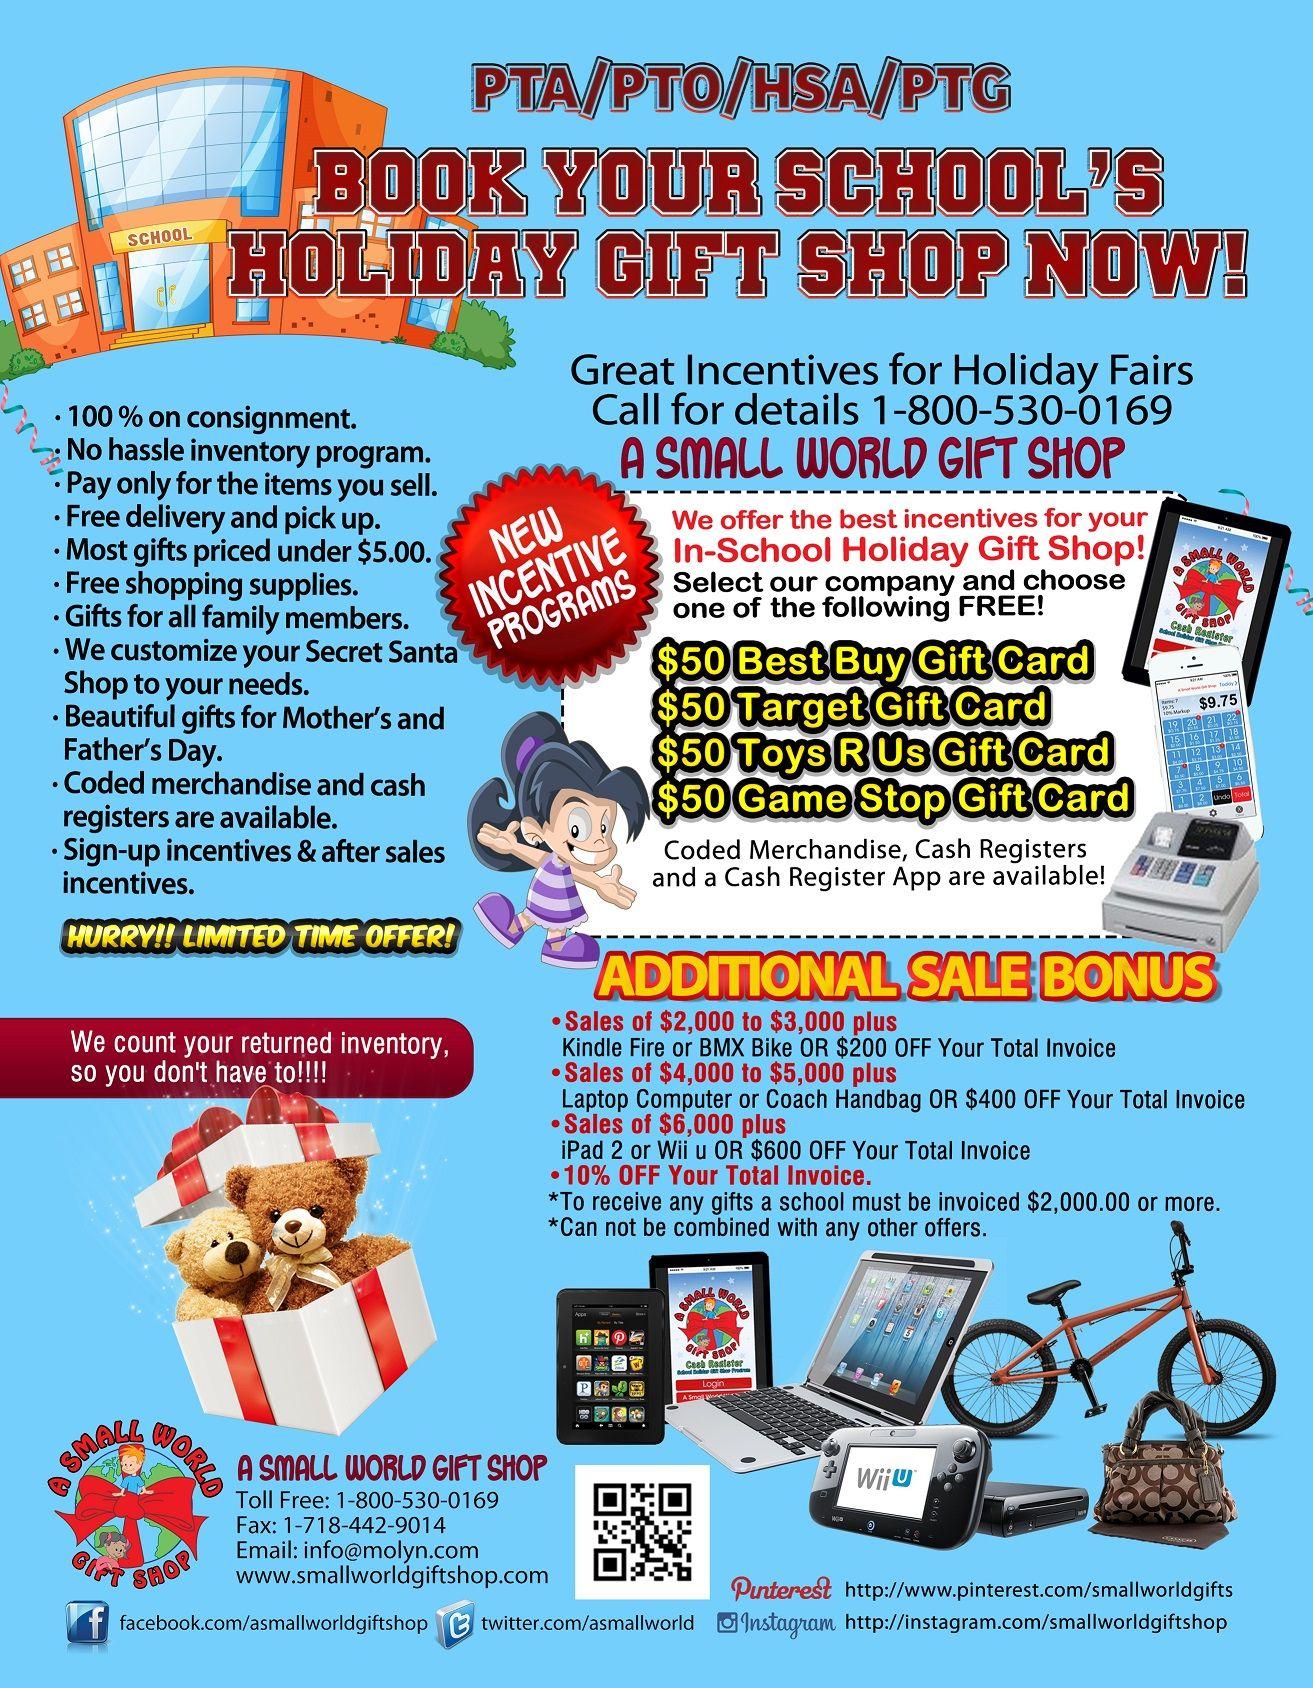 In School Holiday Gift Shop Pta Pto Pinterest Pta School